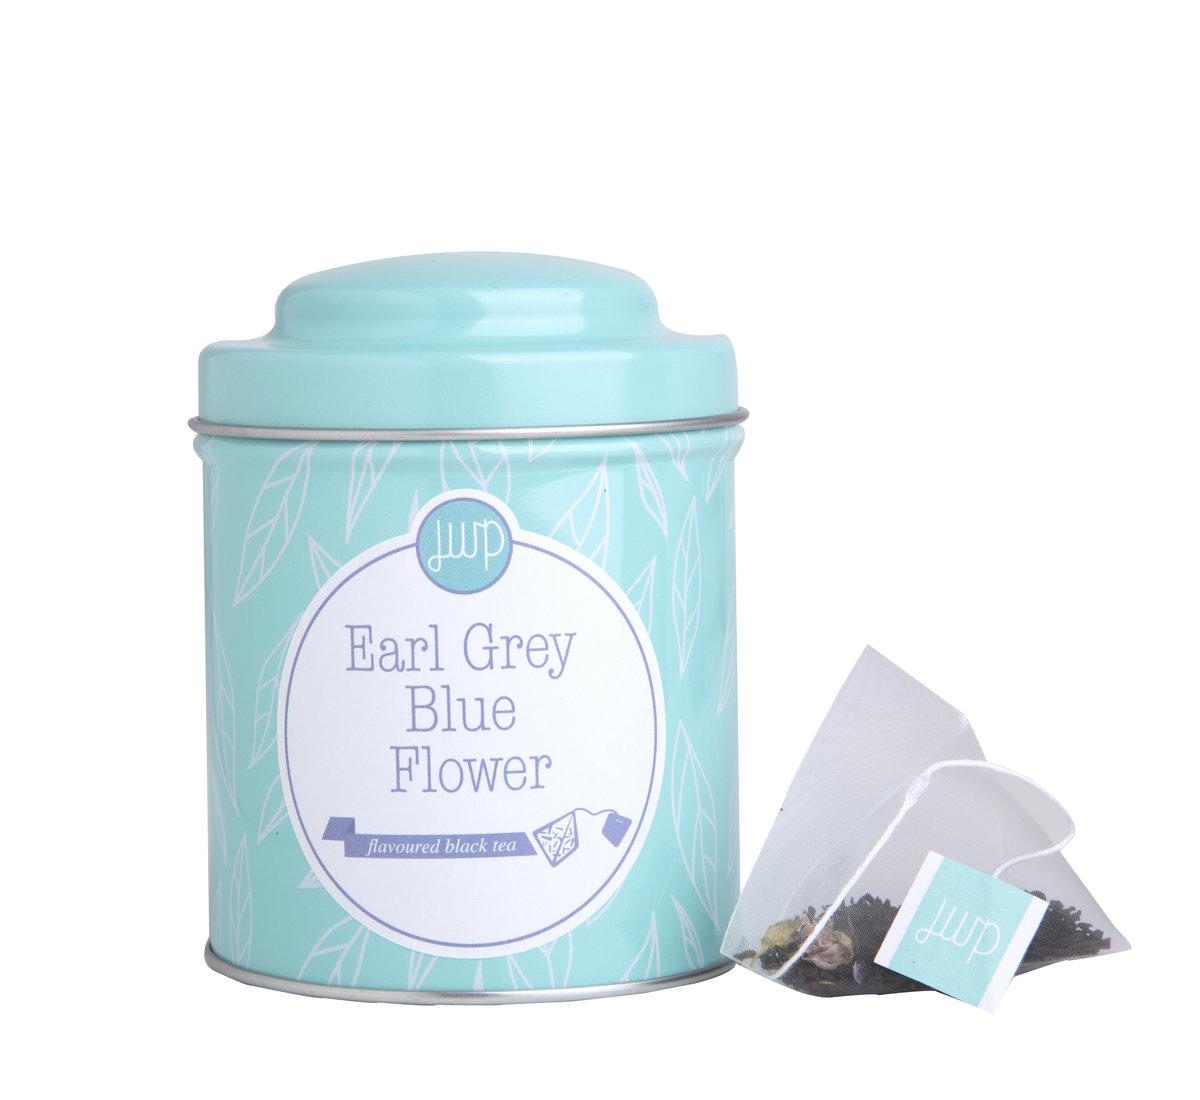 藍花皇家伯爵紅茶 (10茶包 x 1罐)